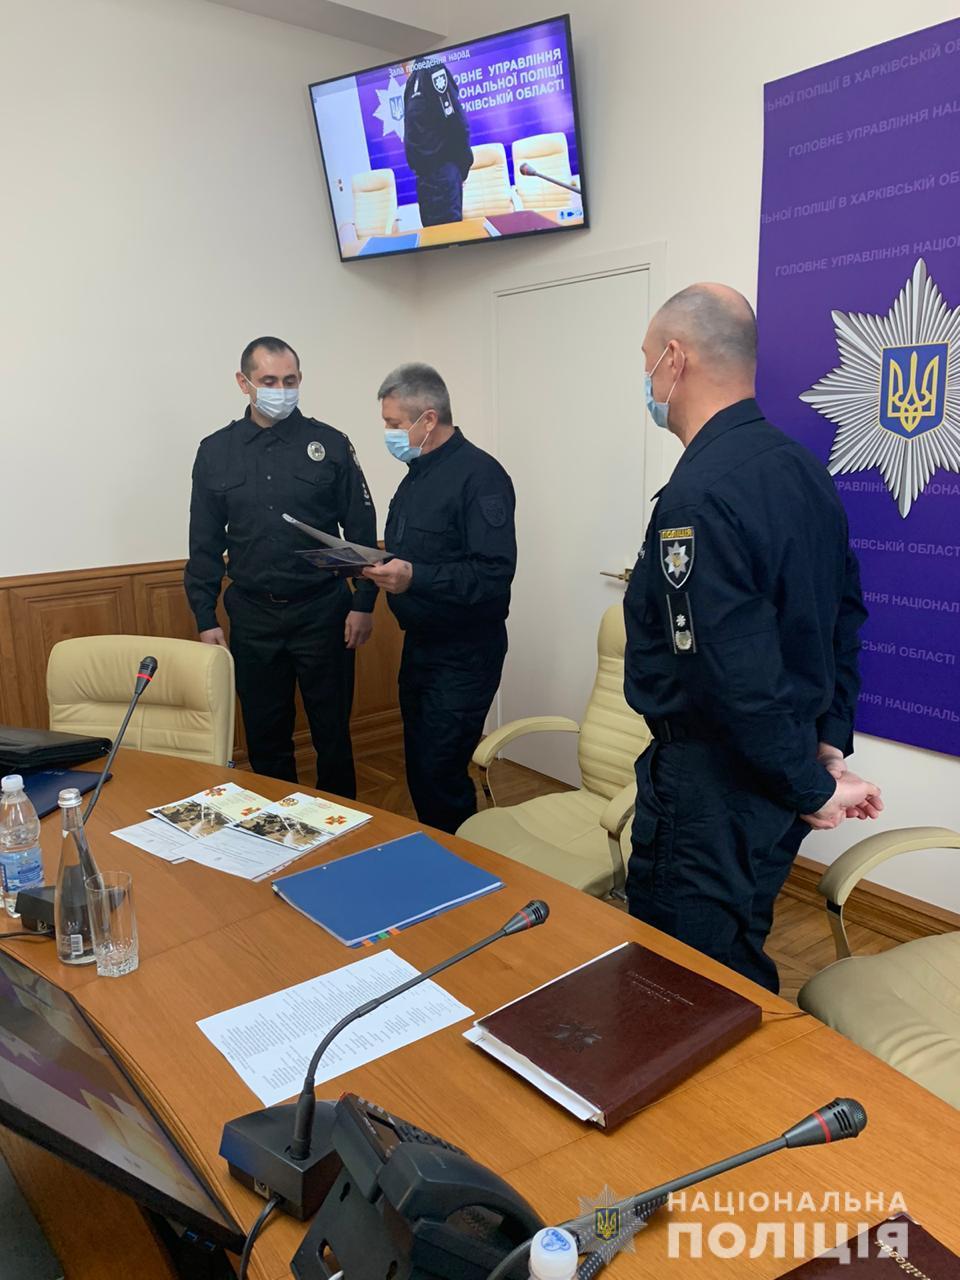 Полицейские получили награды от спасателей за работу во время пожара в Двуречанском районе Харькова (фото)